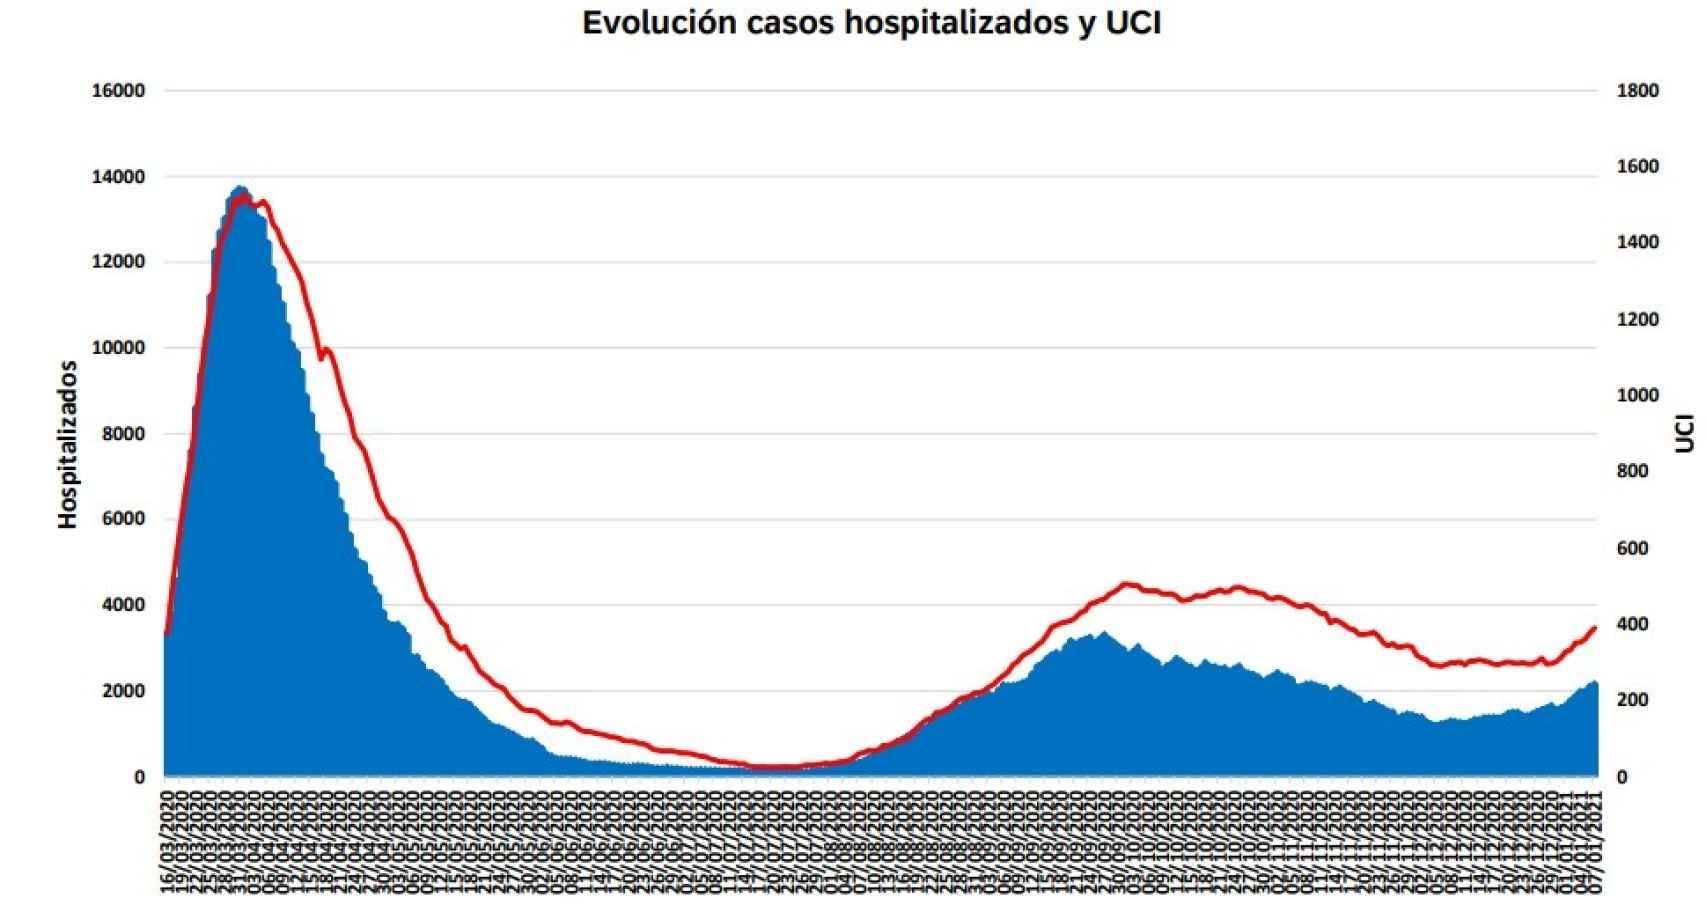 Evolución hospitalizados y UCI en Madrid